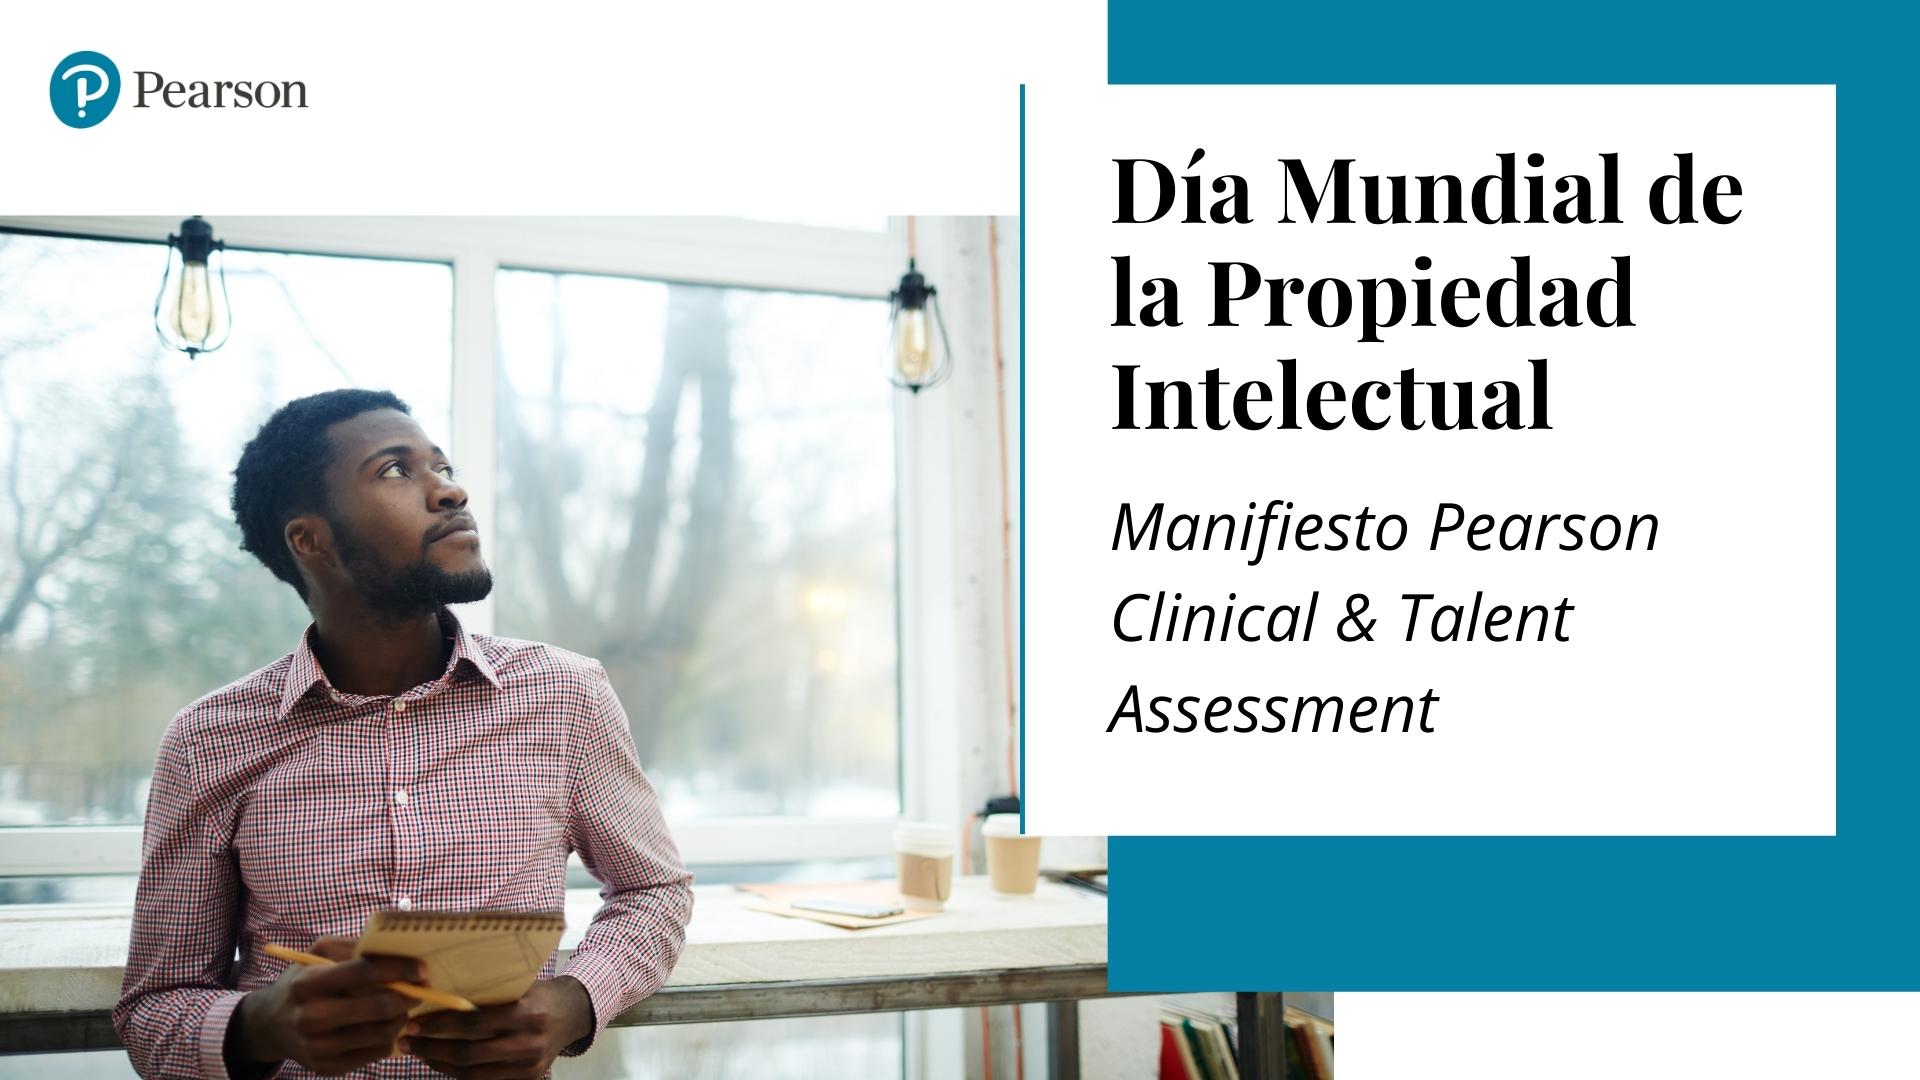 Manifiesto_Propiedad_Intelectual_Pearson_Clinical